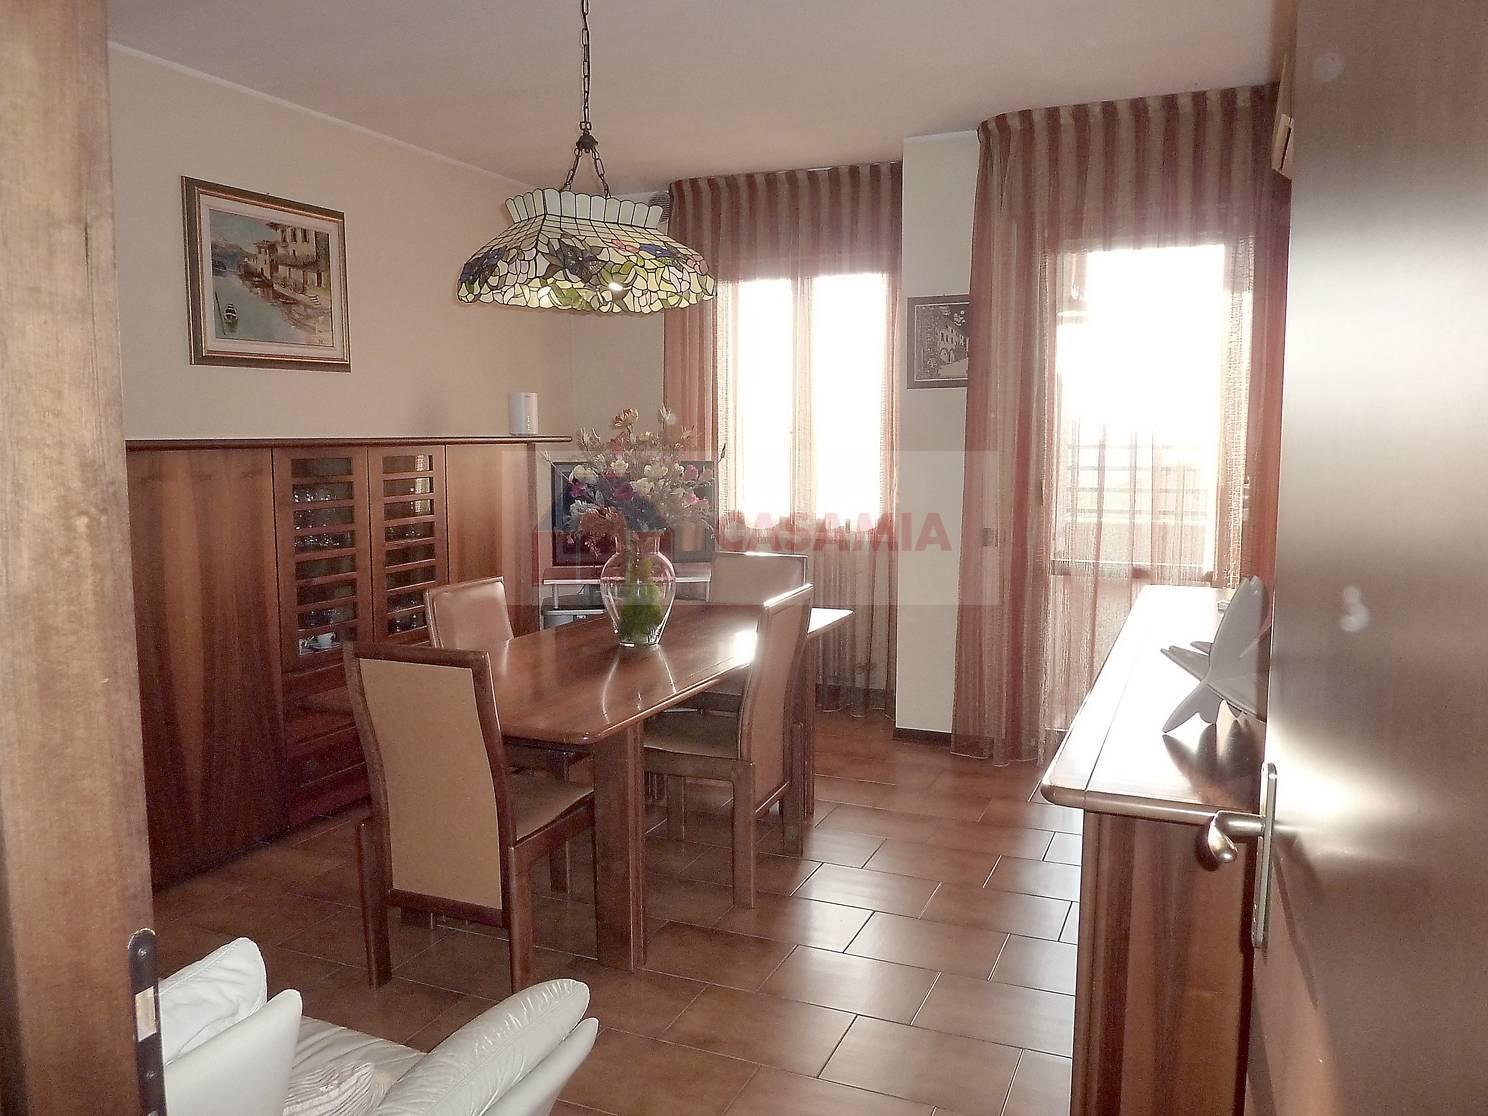 Appartamento in vendita a Mansuè, 3 locali, prezzo € 60.000 | CambioCasa.it